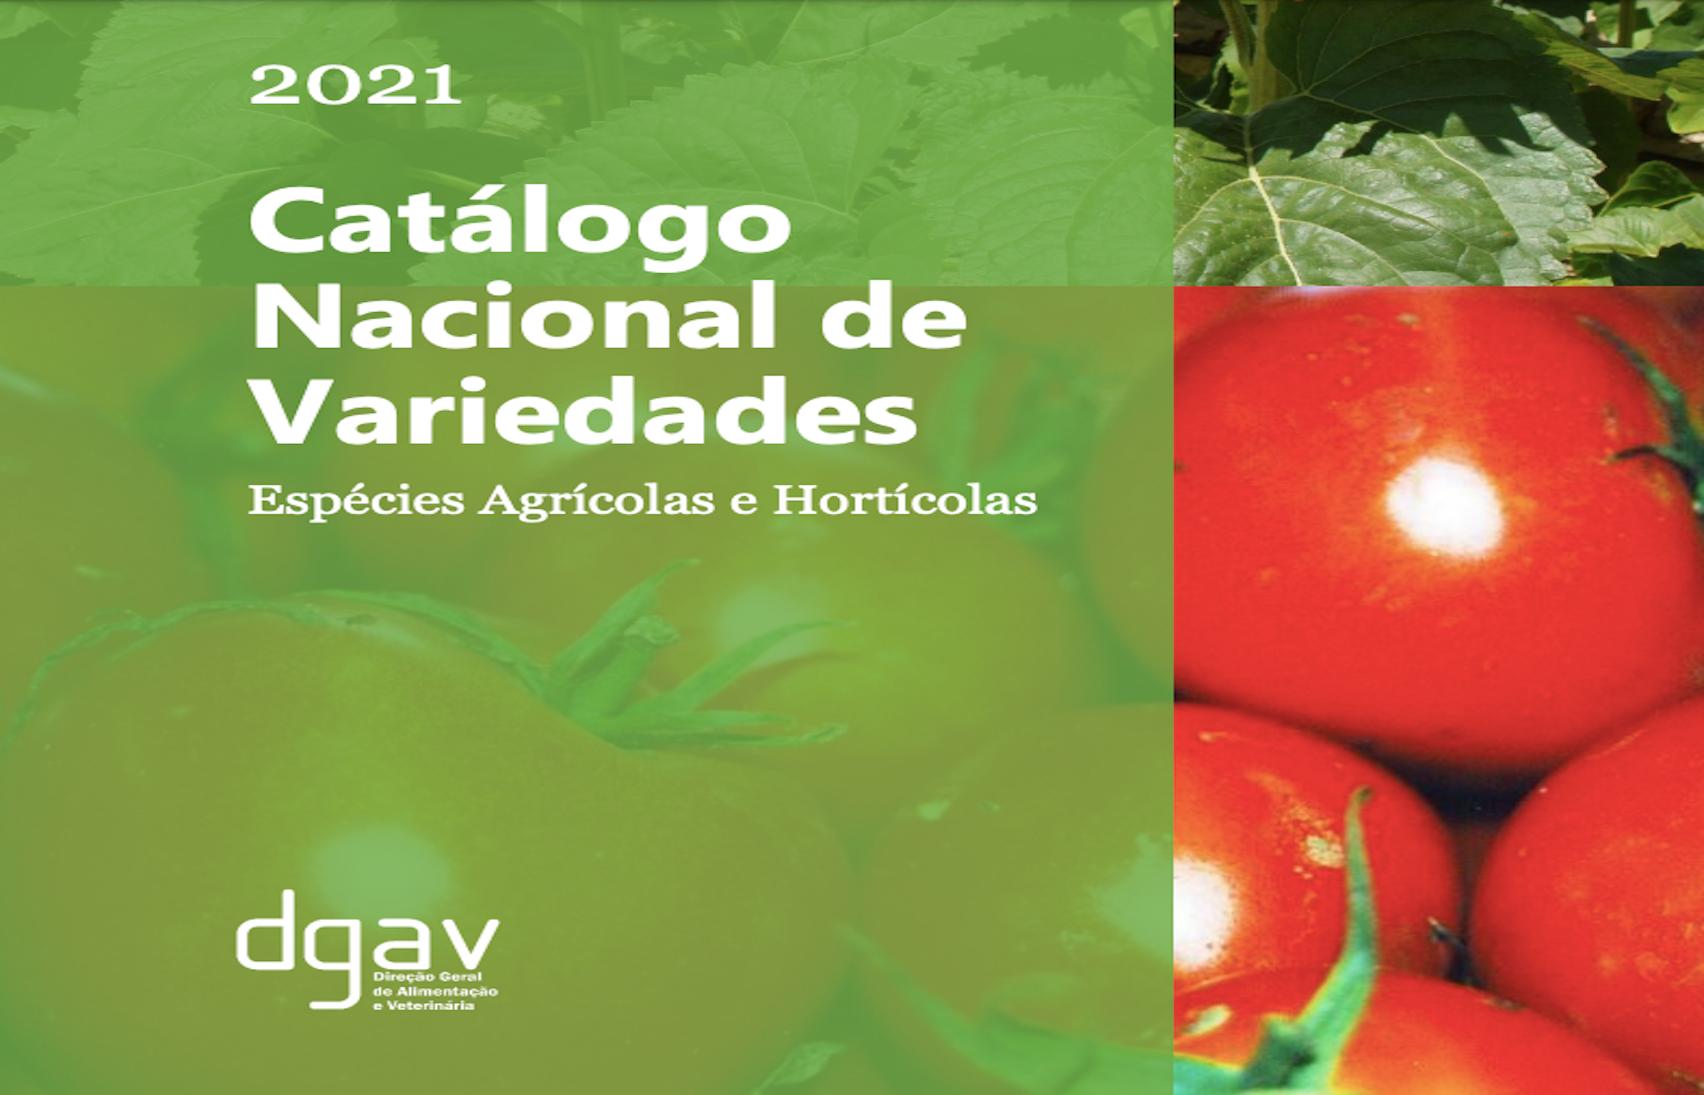 DGAV lança catálogo de espécies agrícolas e hortícolas